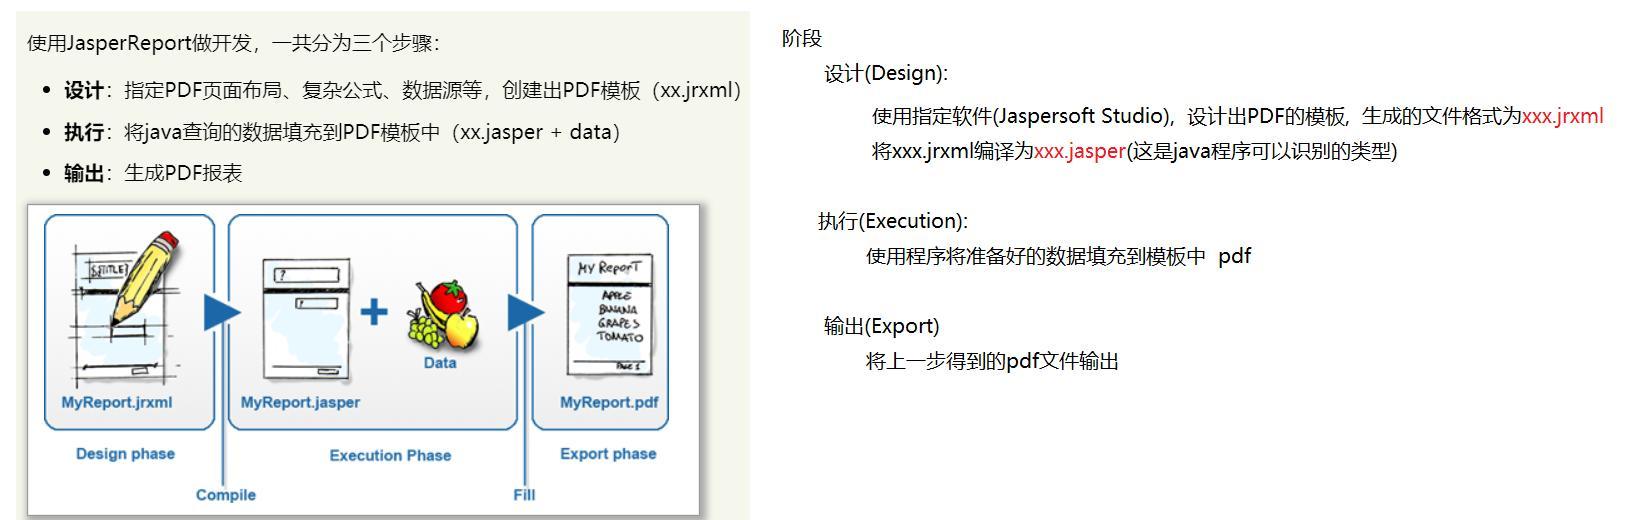 消息模型与生成pdf